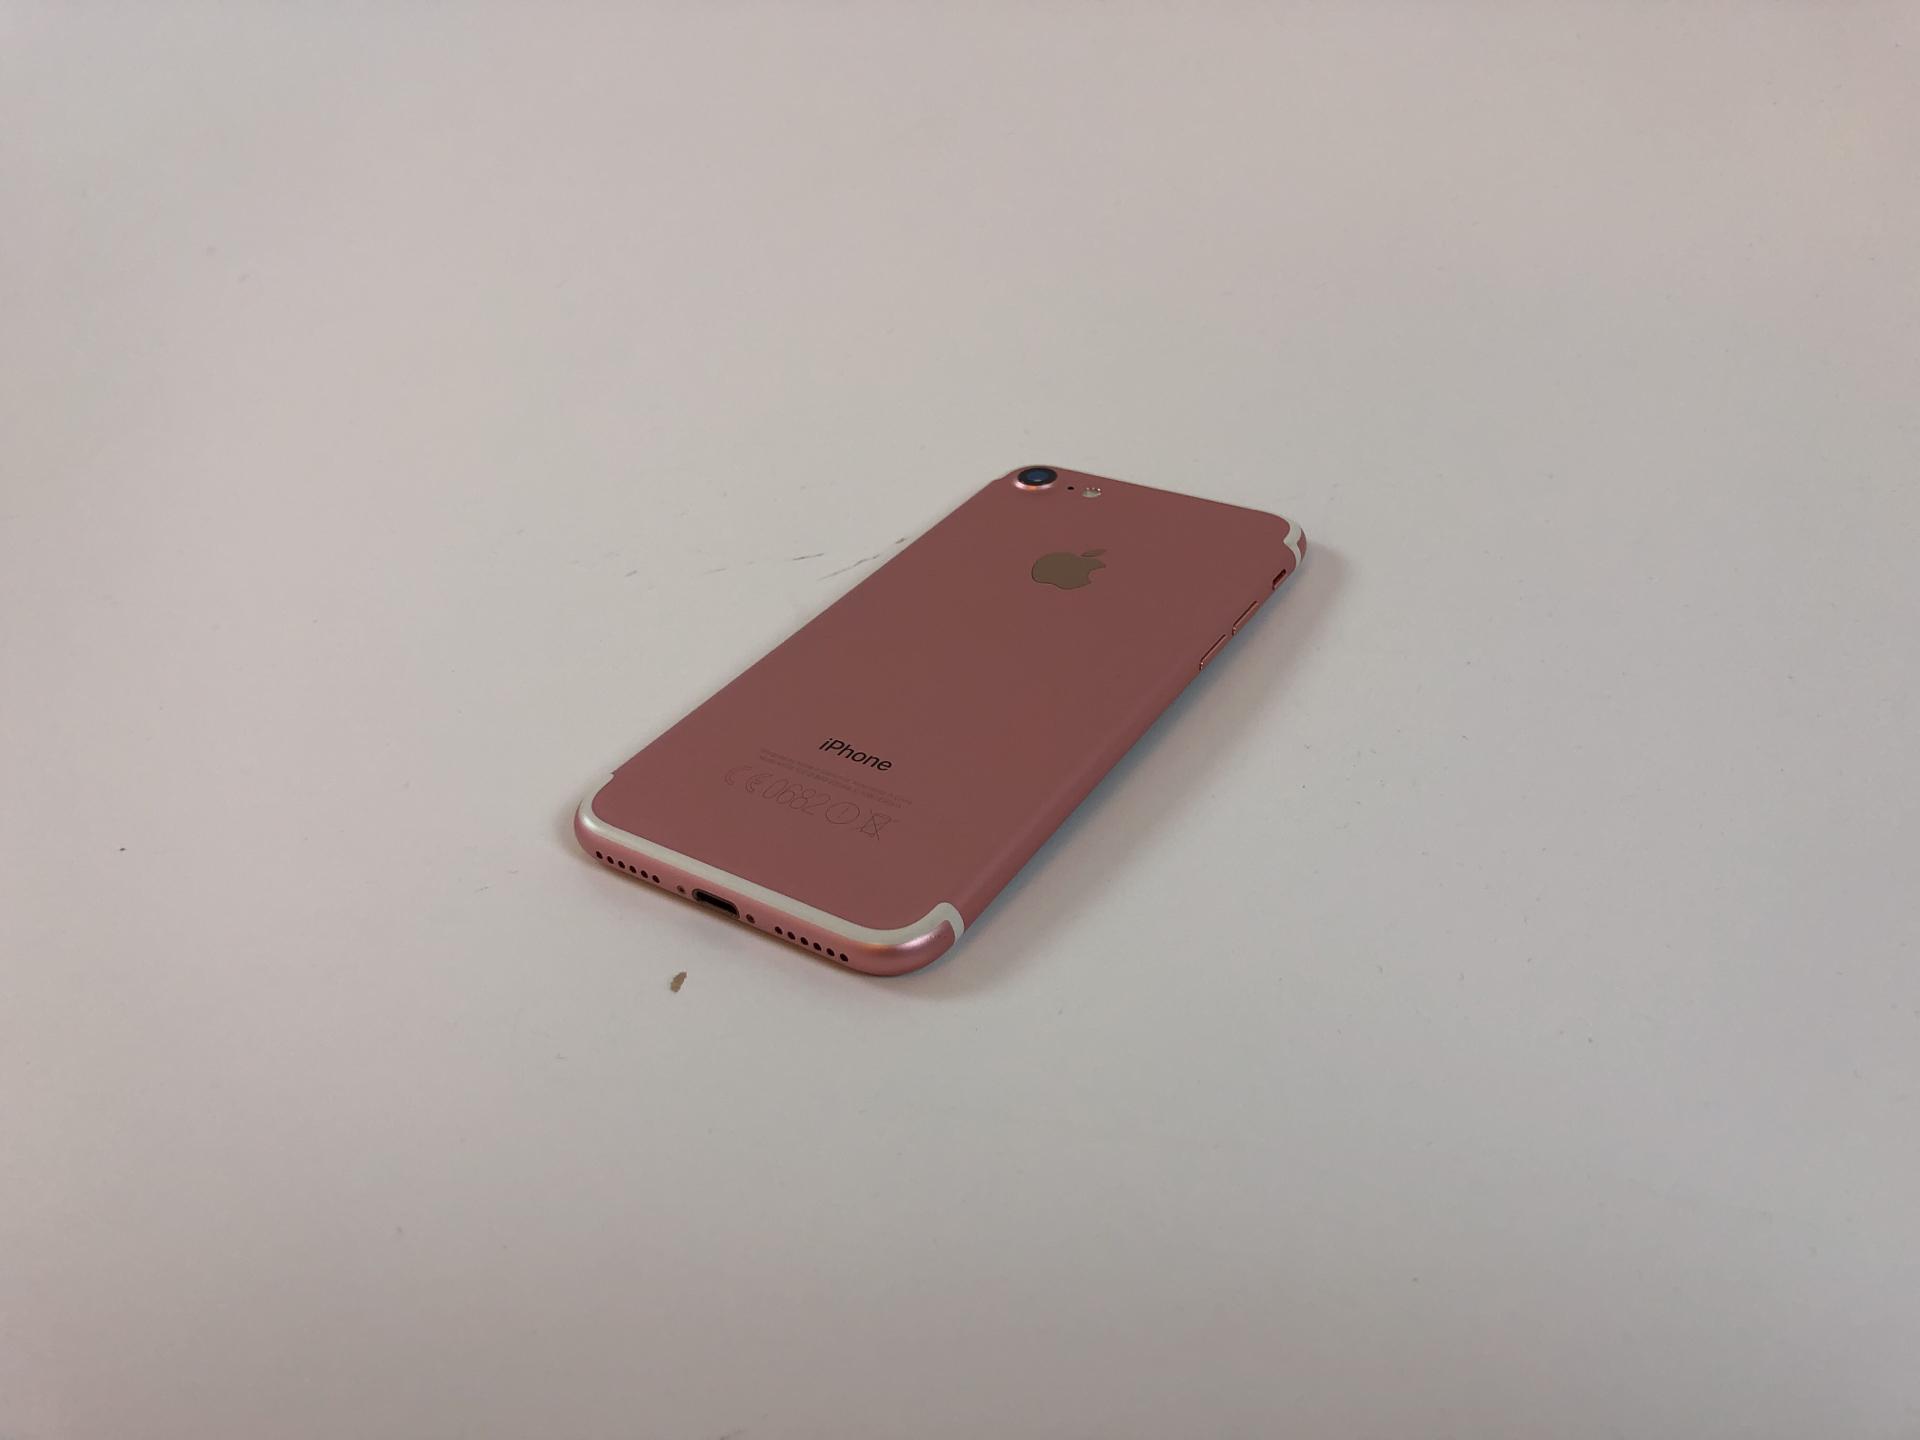 iPhone 7 128GB, 128GB, Rose Gold, image 4